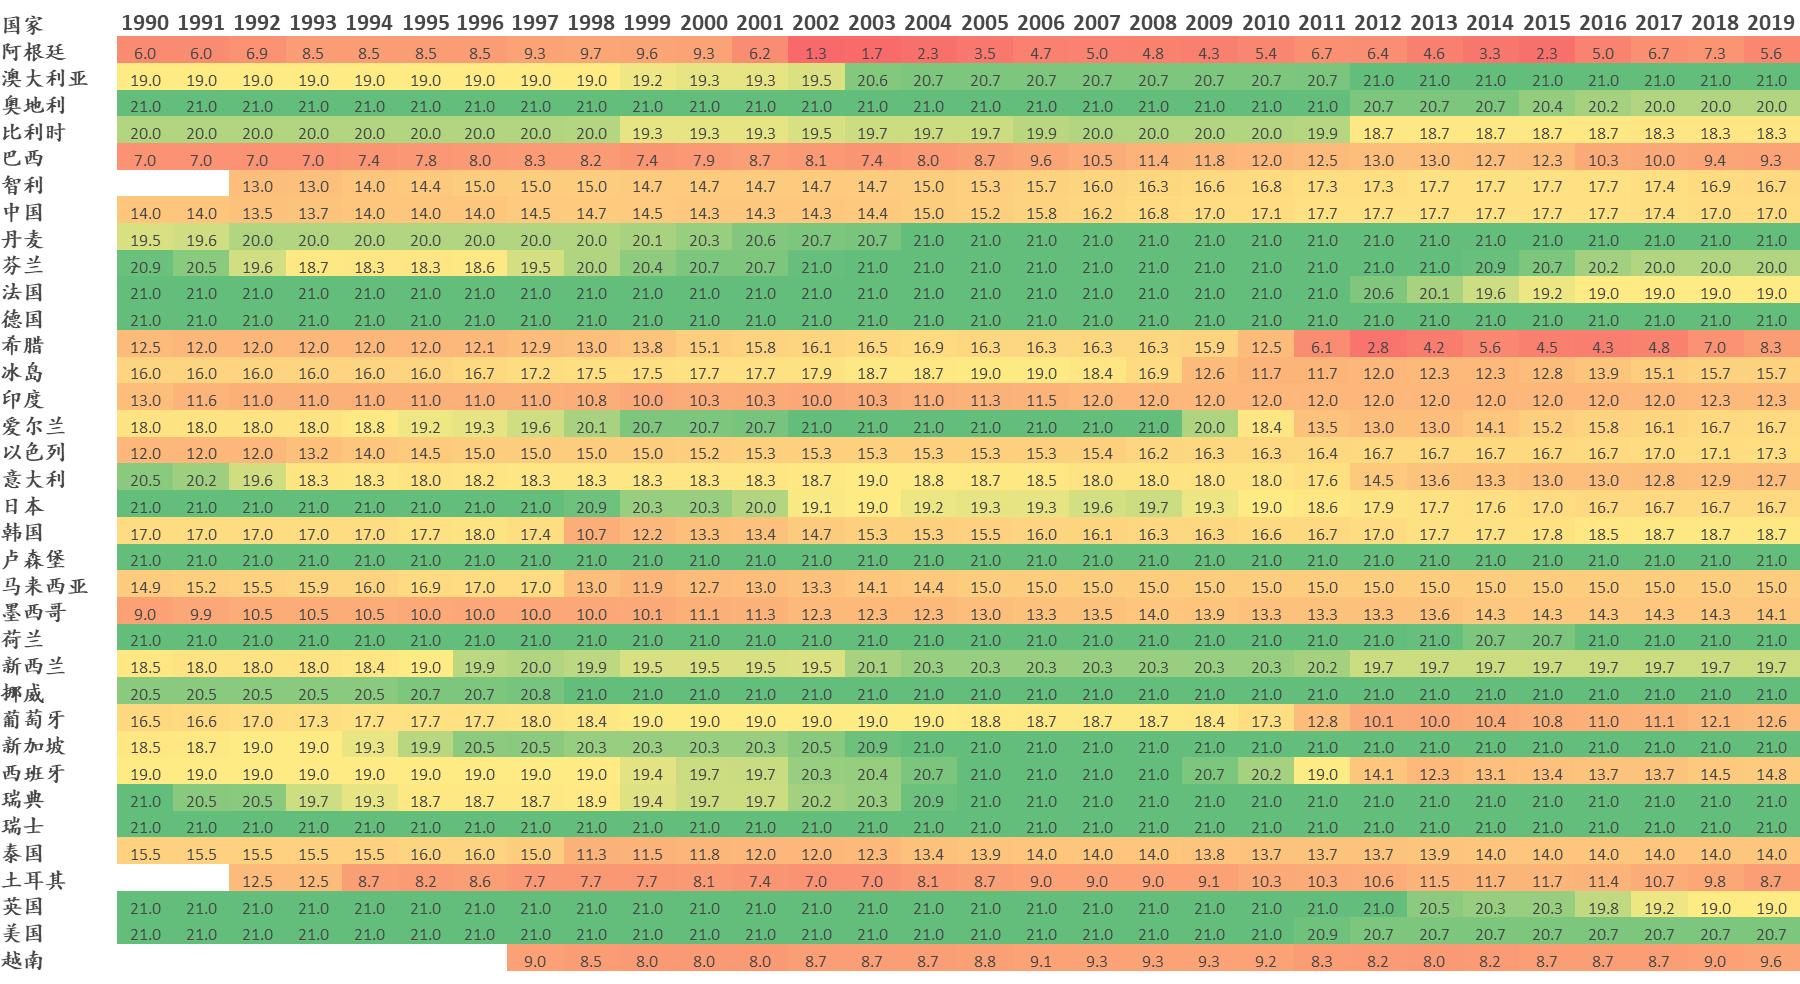 表1:长期主权债务评级(1-21) 数据来源:IMF,东方证券 说明:分值越大,评级越高(颜色越深,评级越低)